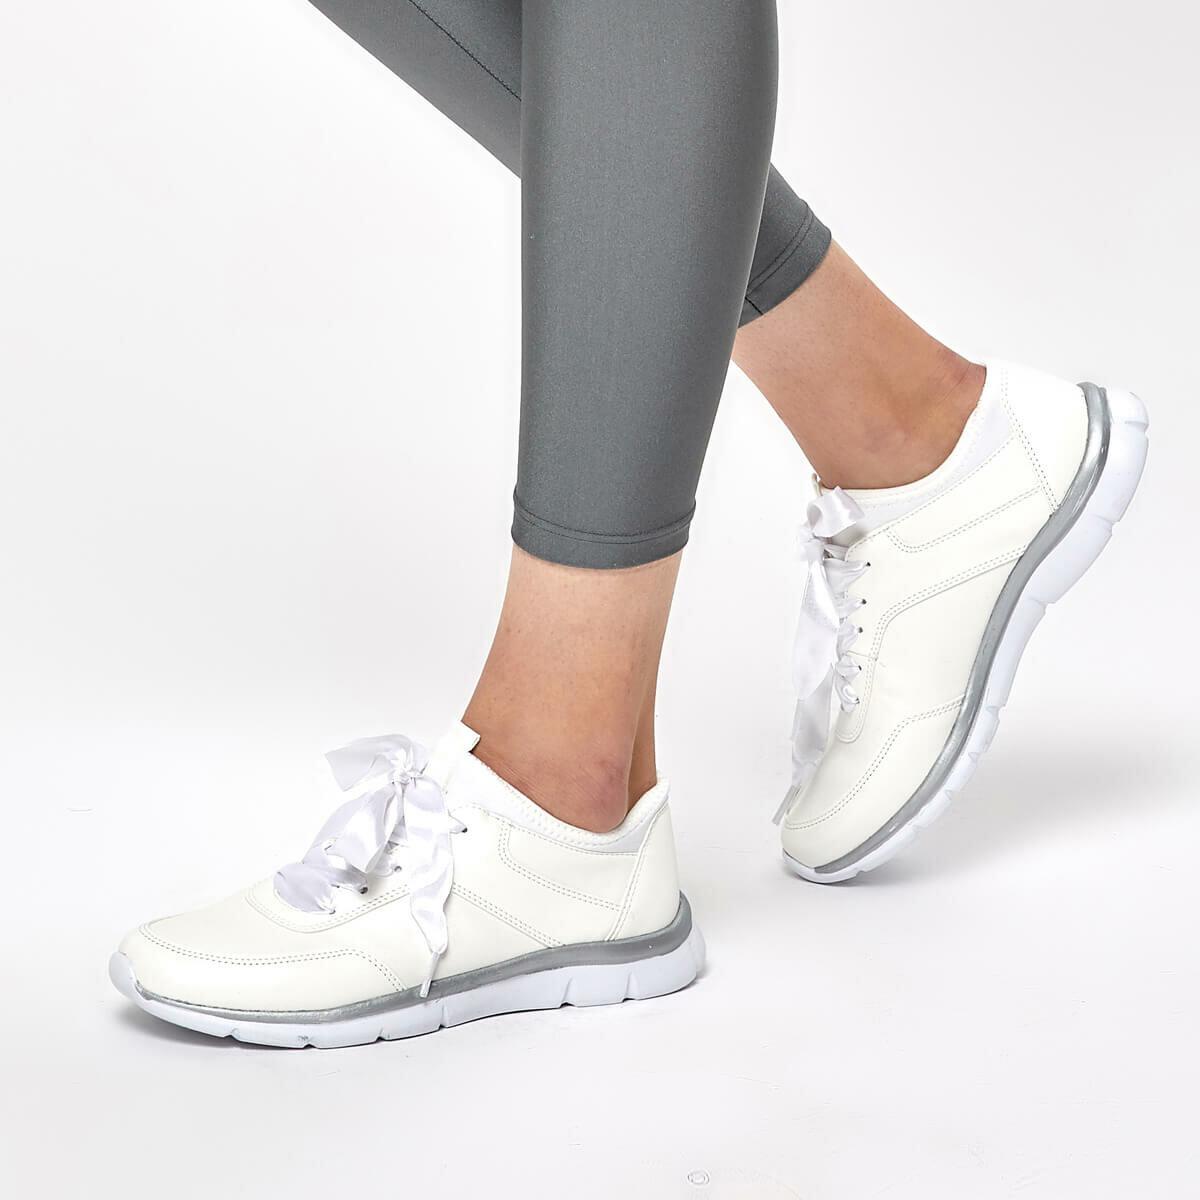 FLO 91.313311.Z White Women 'S Shoes Polaris